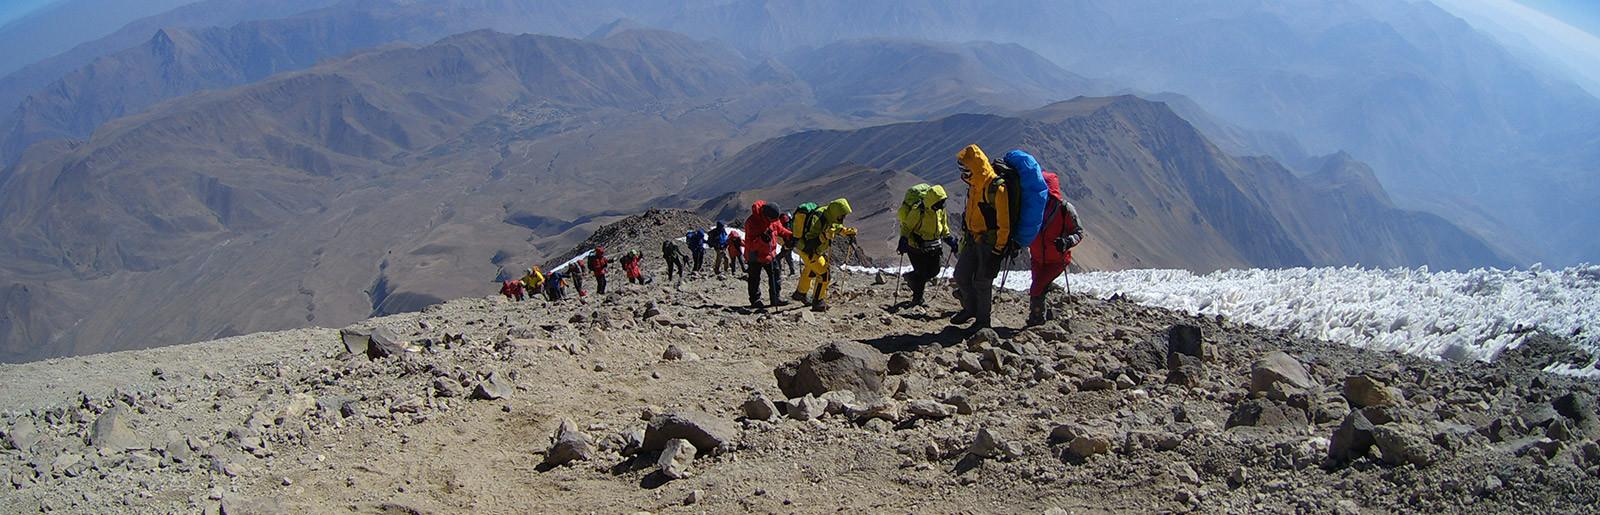 تور صعود قله دماوند